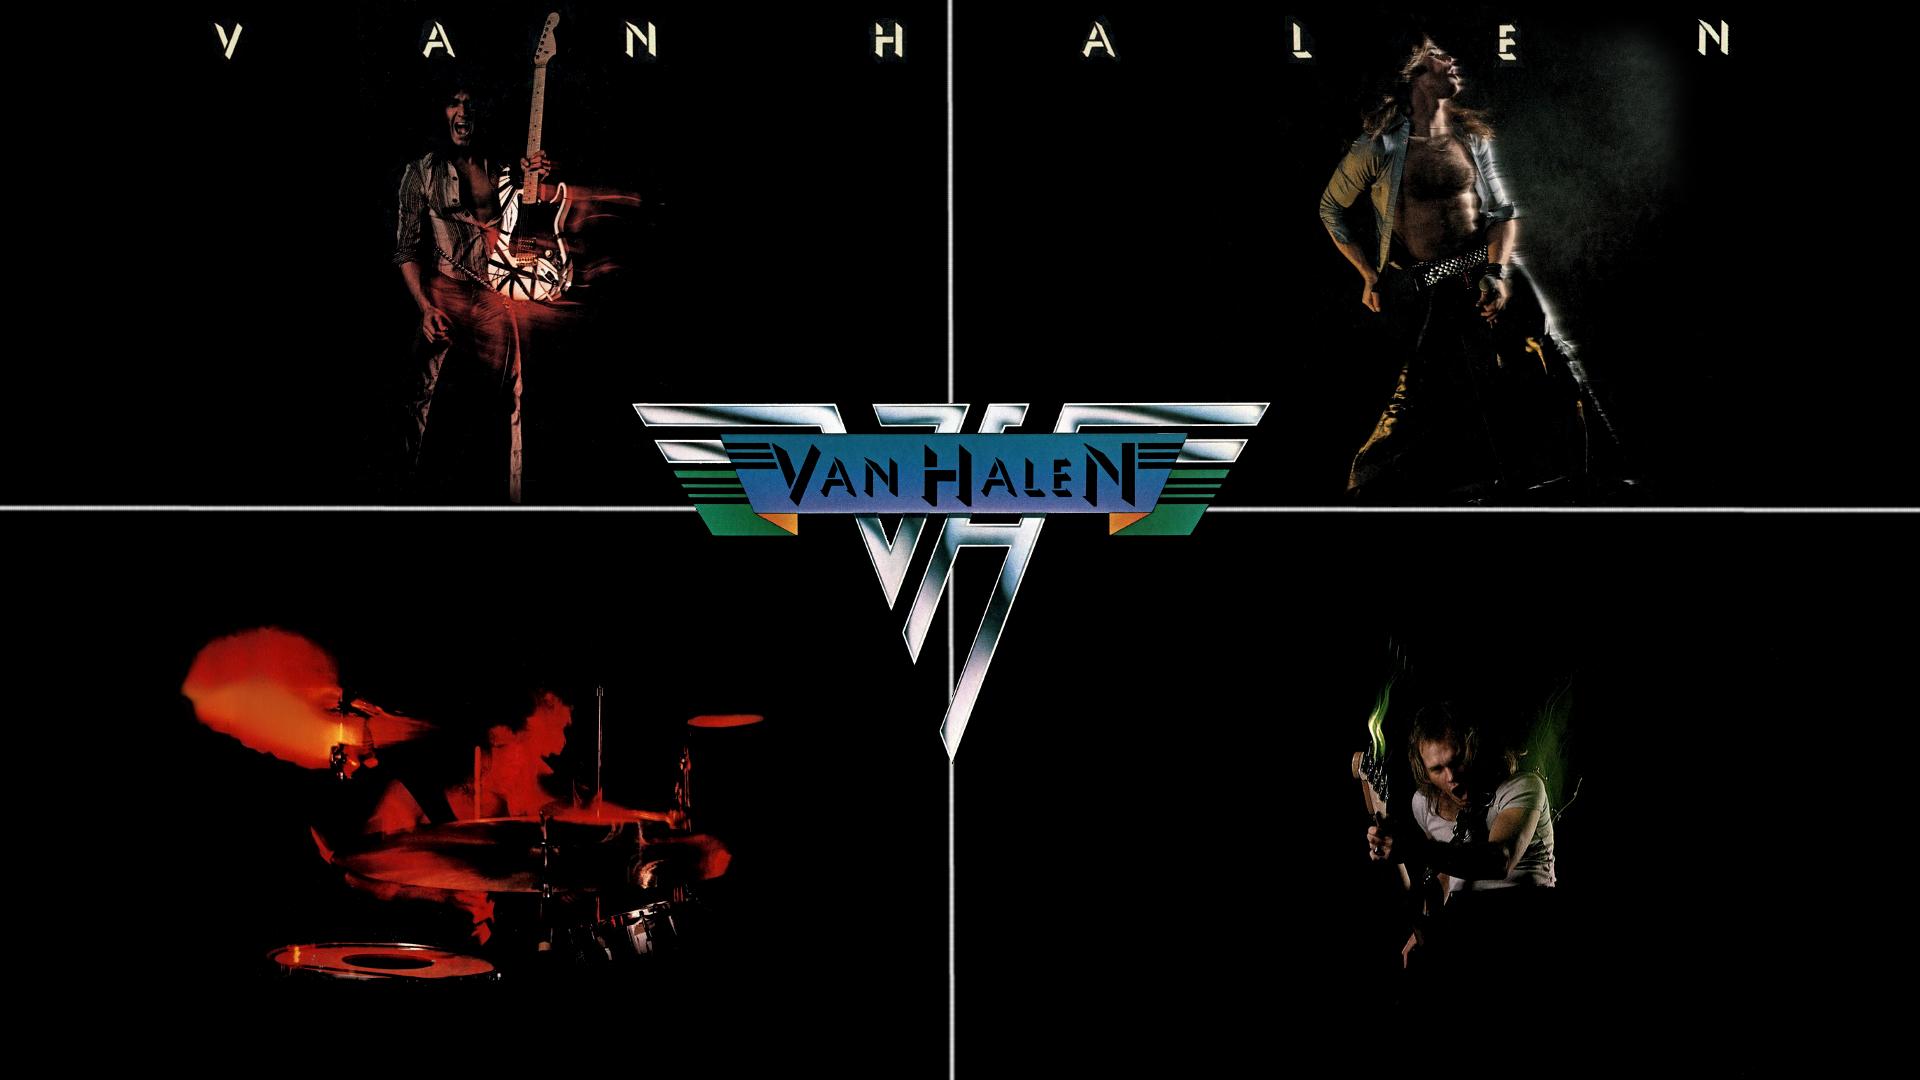 VAN HALEN heavy metal hard rock bands f wallpaper 1920x1080